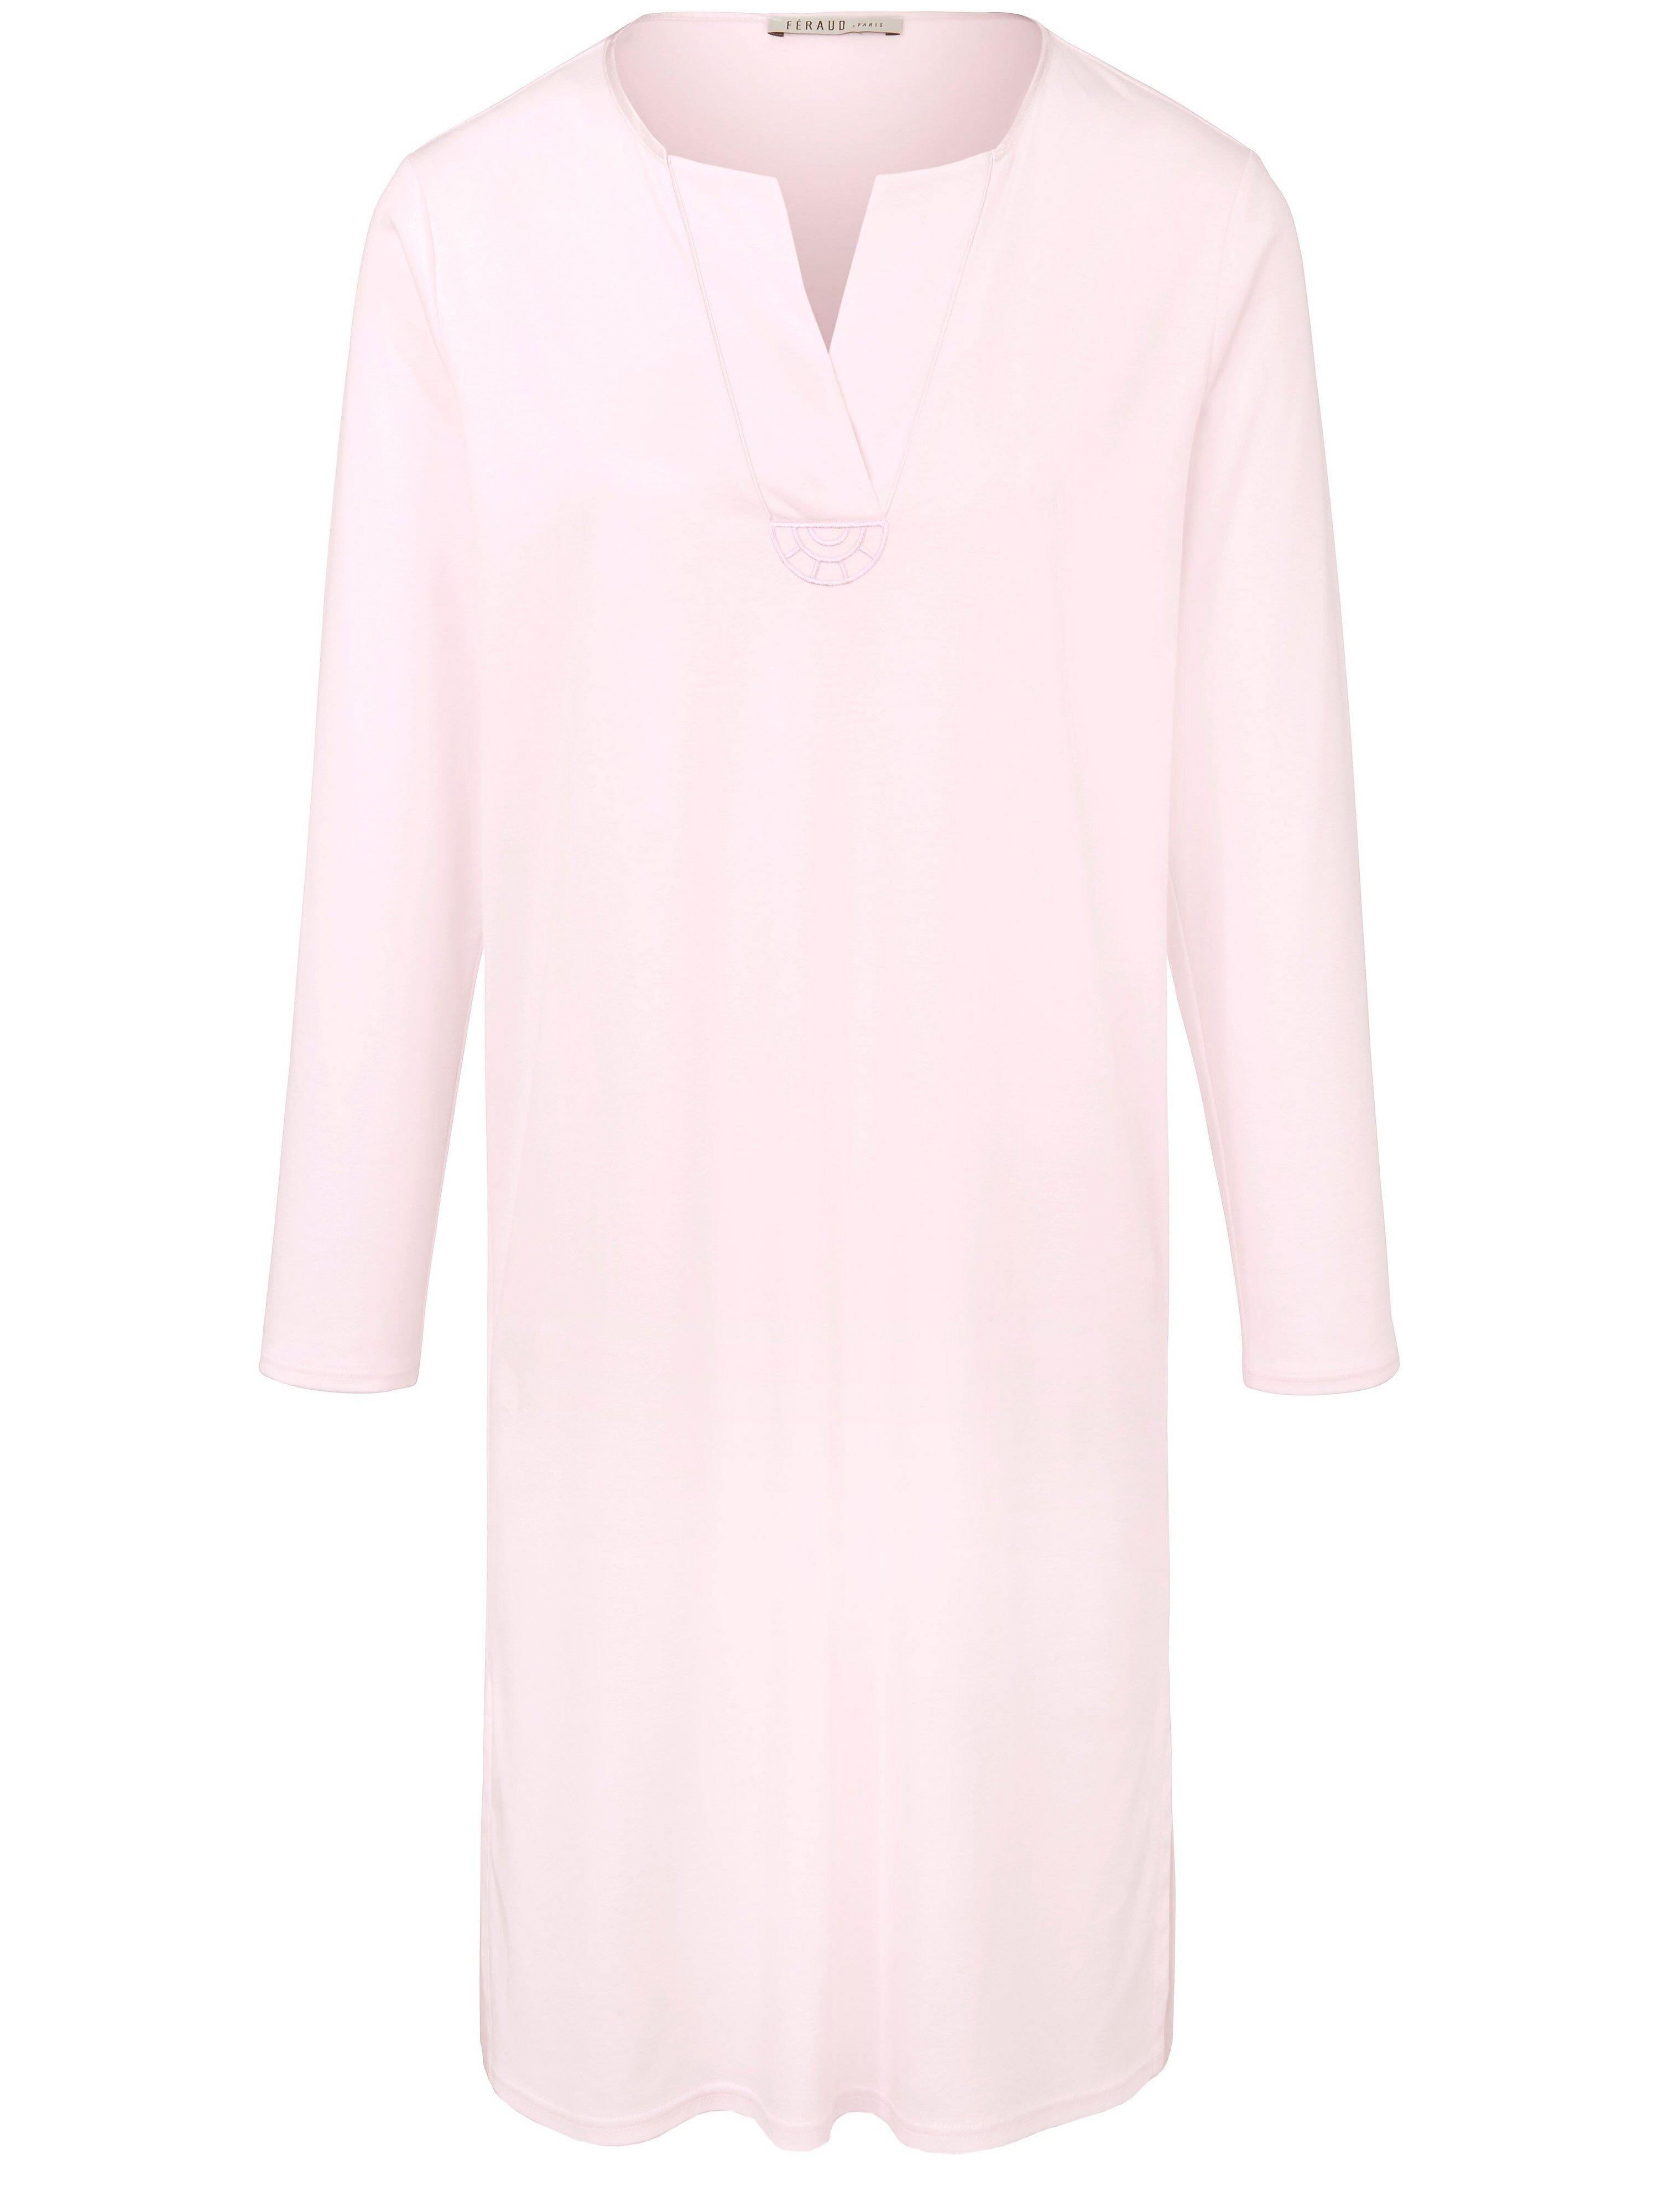 La chemise nuit 100% coton  Féraud rose taille 50